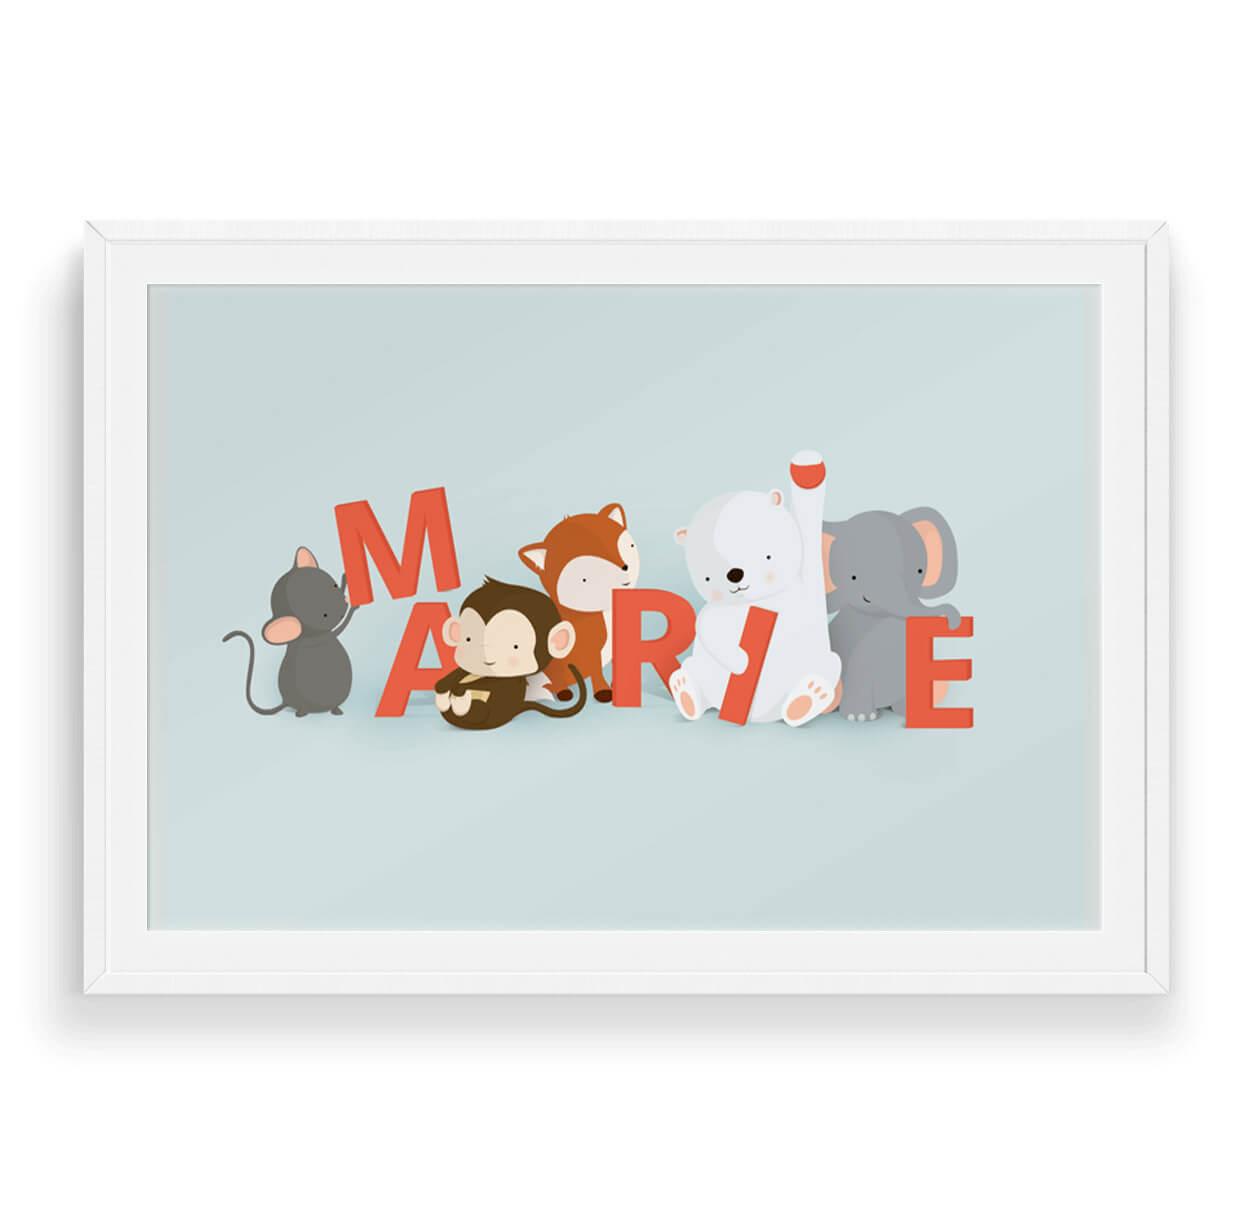 Marie navneplakat | Børneplakater fra Bogstavzoo